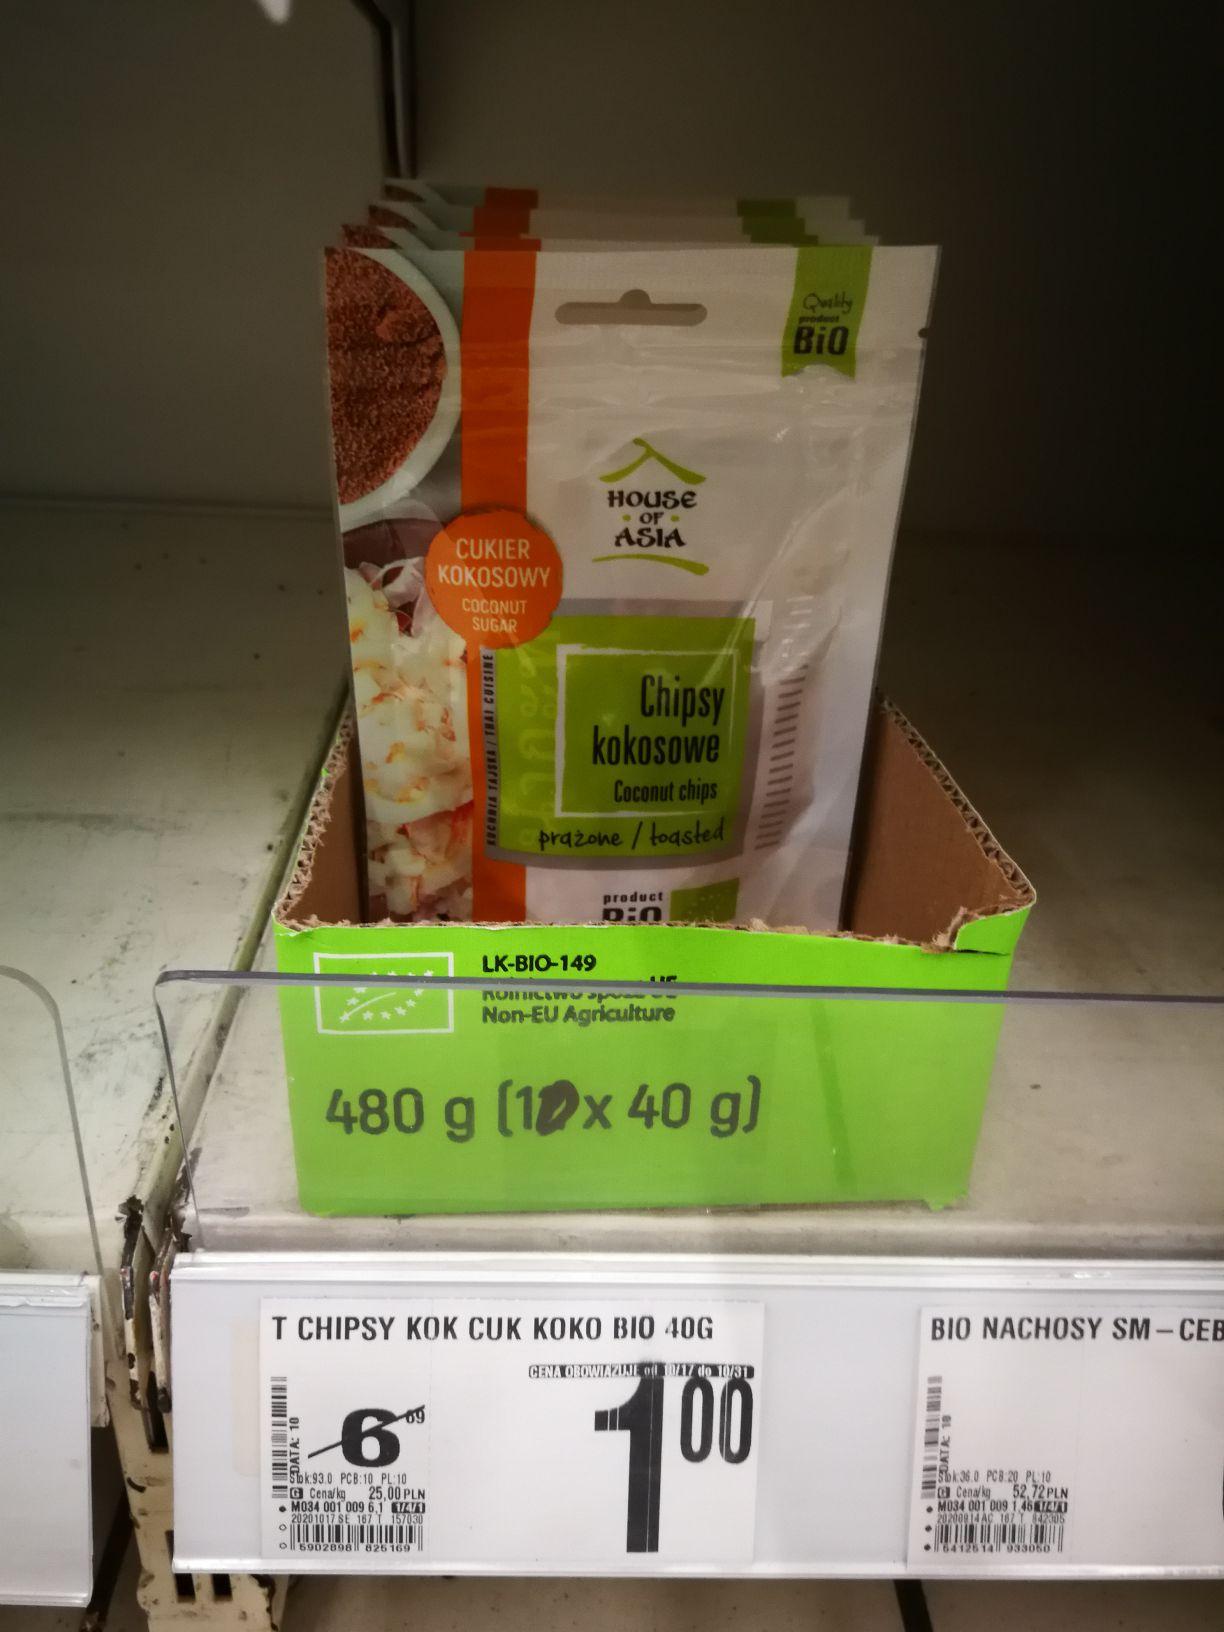 Chipsy kokosowe bio 40g [Auchan Ursynów]